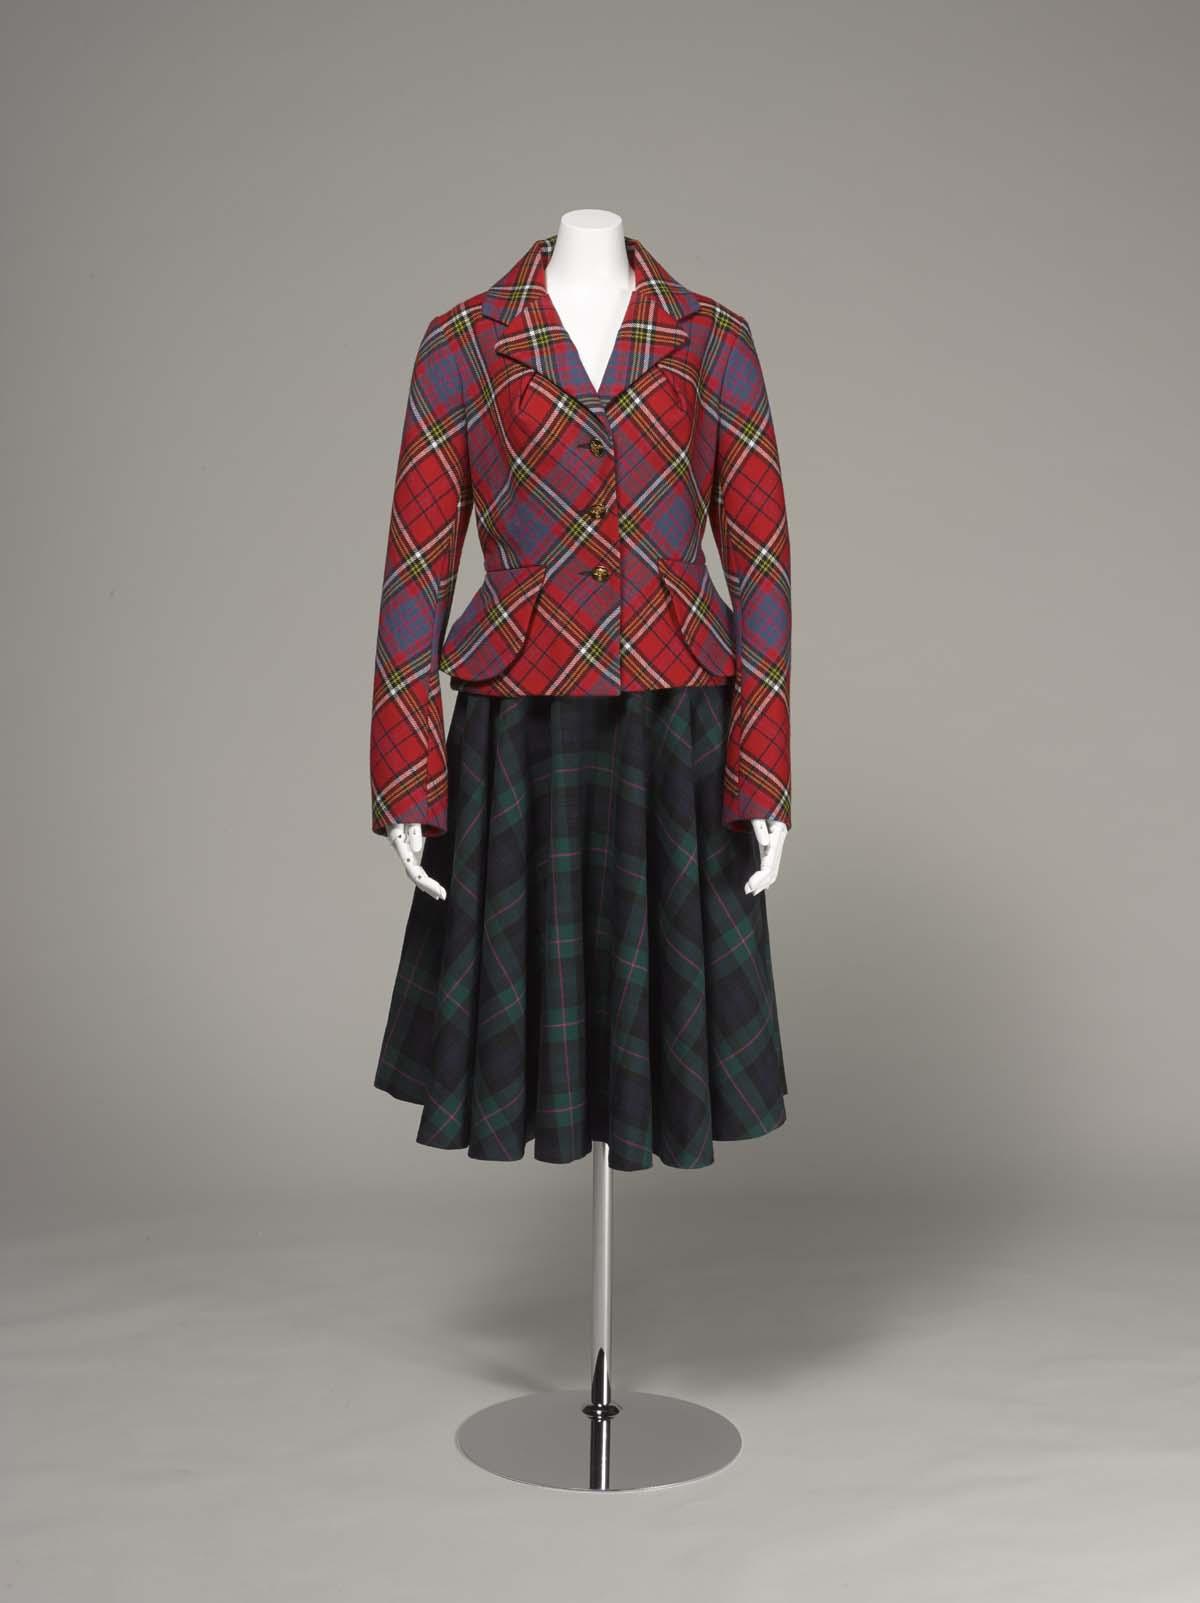 ヴィヴィアン・ウエストウッド<br /> 《タータン・スーツ》<br /> 1993年 神戸ファッション美術館蔵